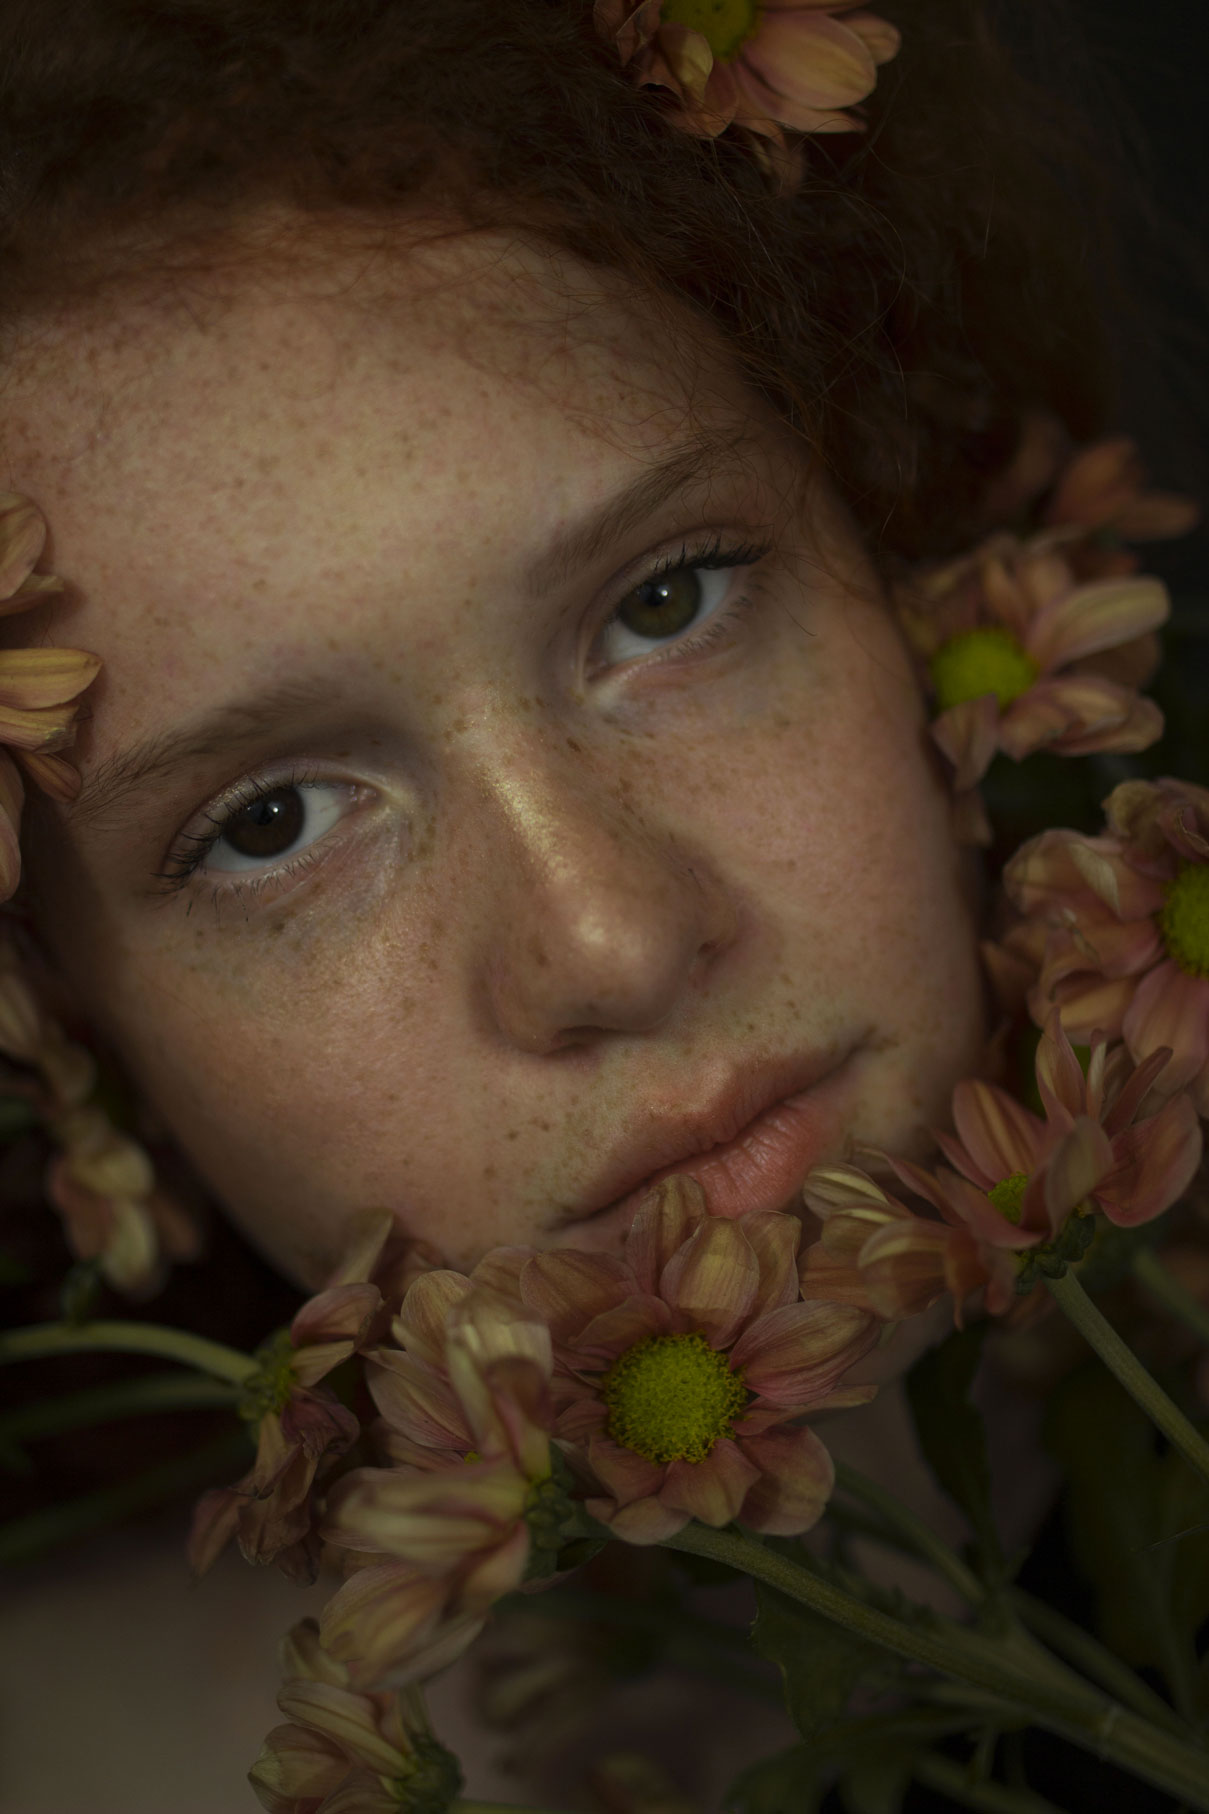 portrait d'une jeune fille rousse aux yeux verrons avec des tâches de rousseurs et des fleurs orangées